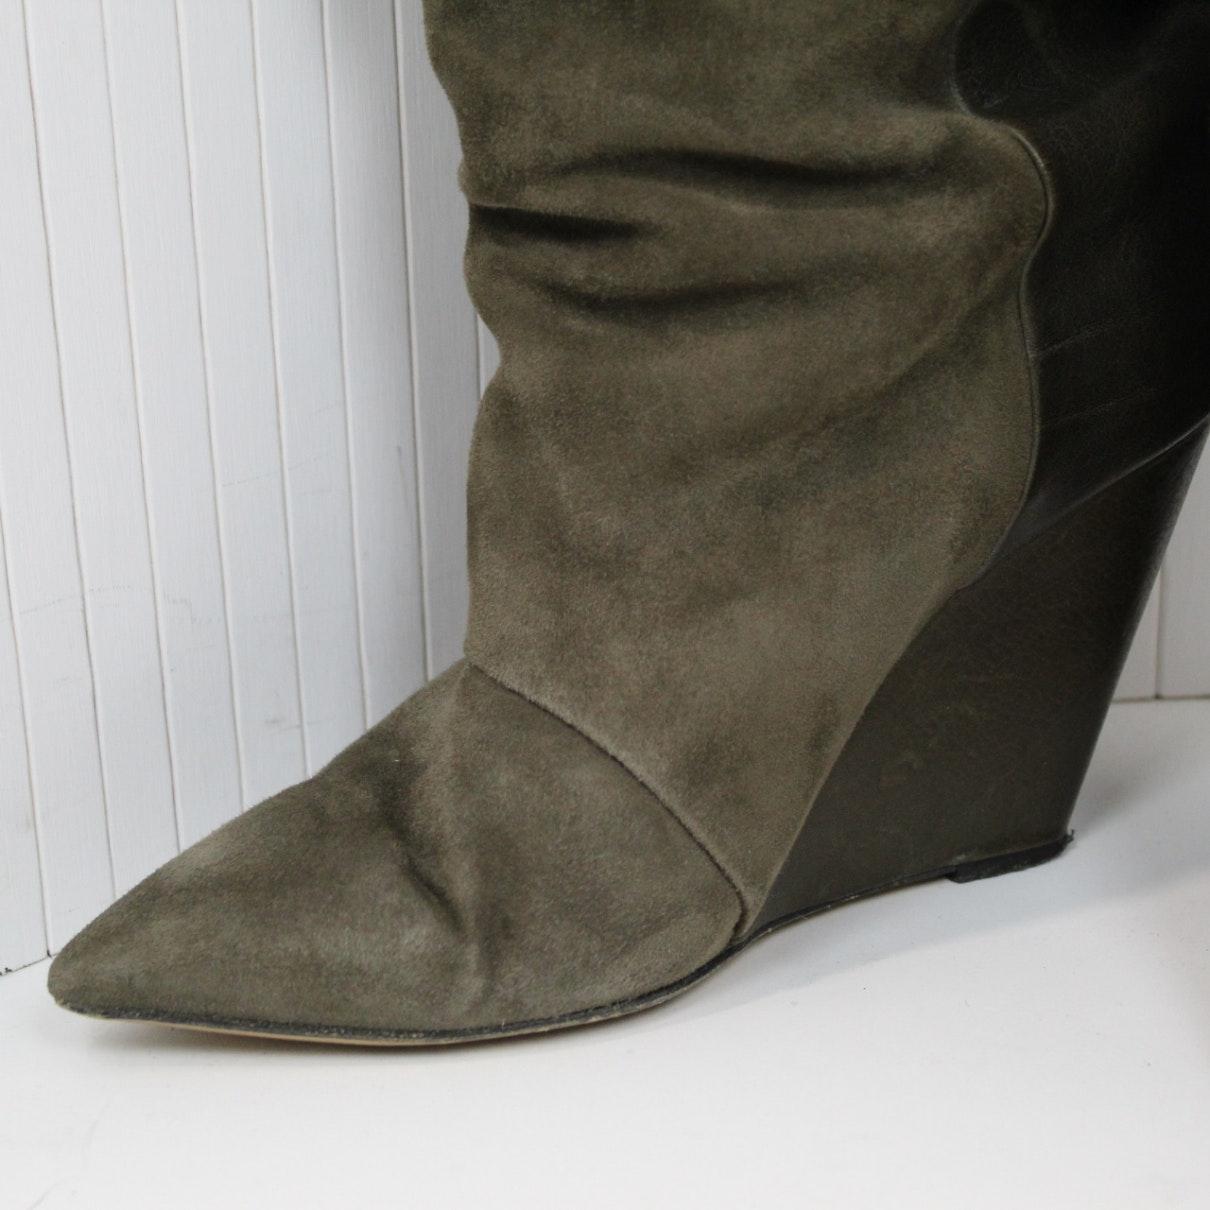 Botas en ante marrón N Isabel Marant de Ante de color Marrón